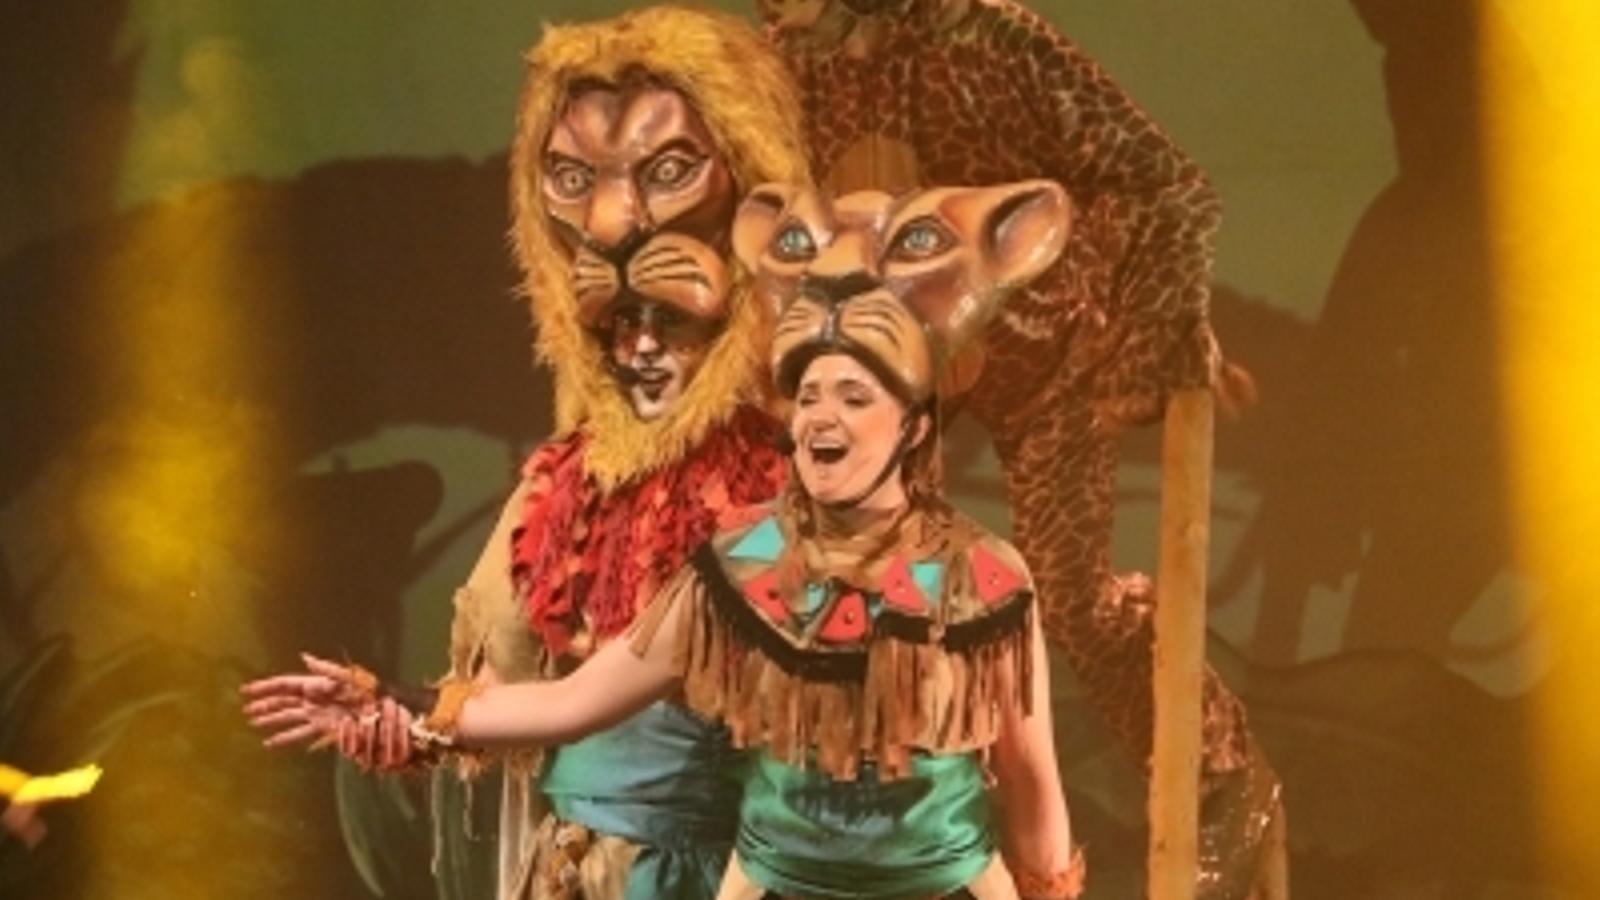 El musical 'De Simba a Kiara', un tribut a la pel·lícula de 'El rei lleó', representat aquest dissabte a la sala d'actes del complex esportiu i sociocultural d'Encamp. / E.C. (ANA)